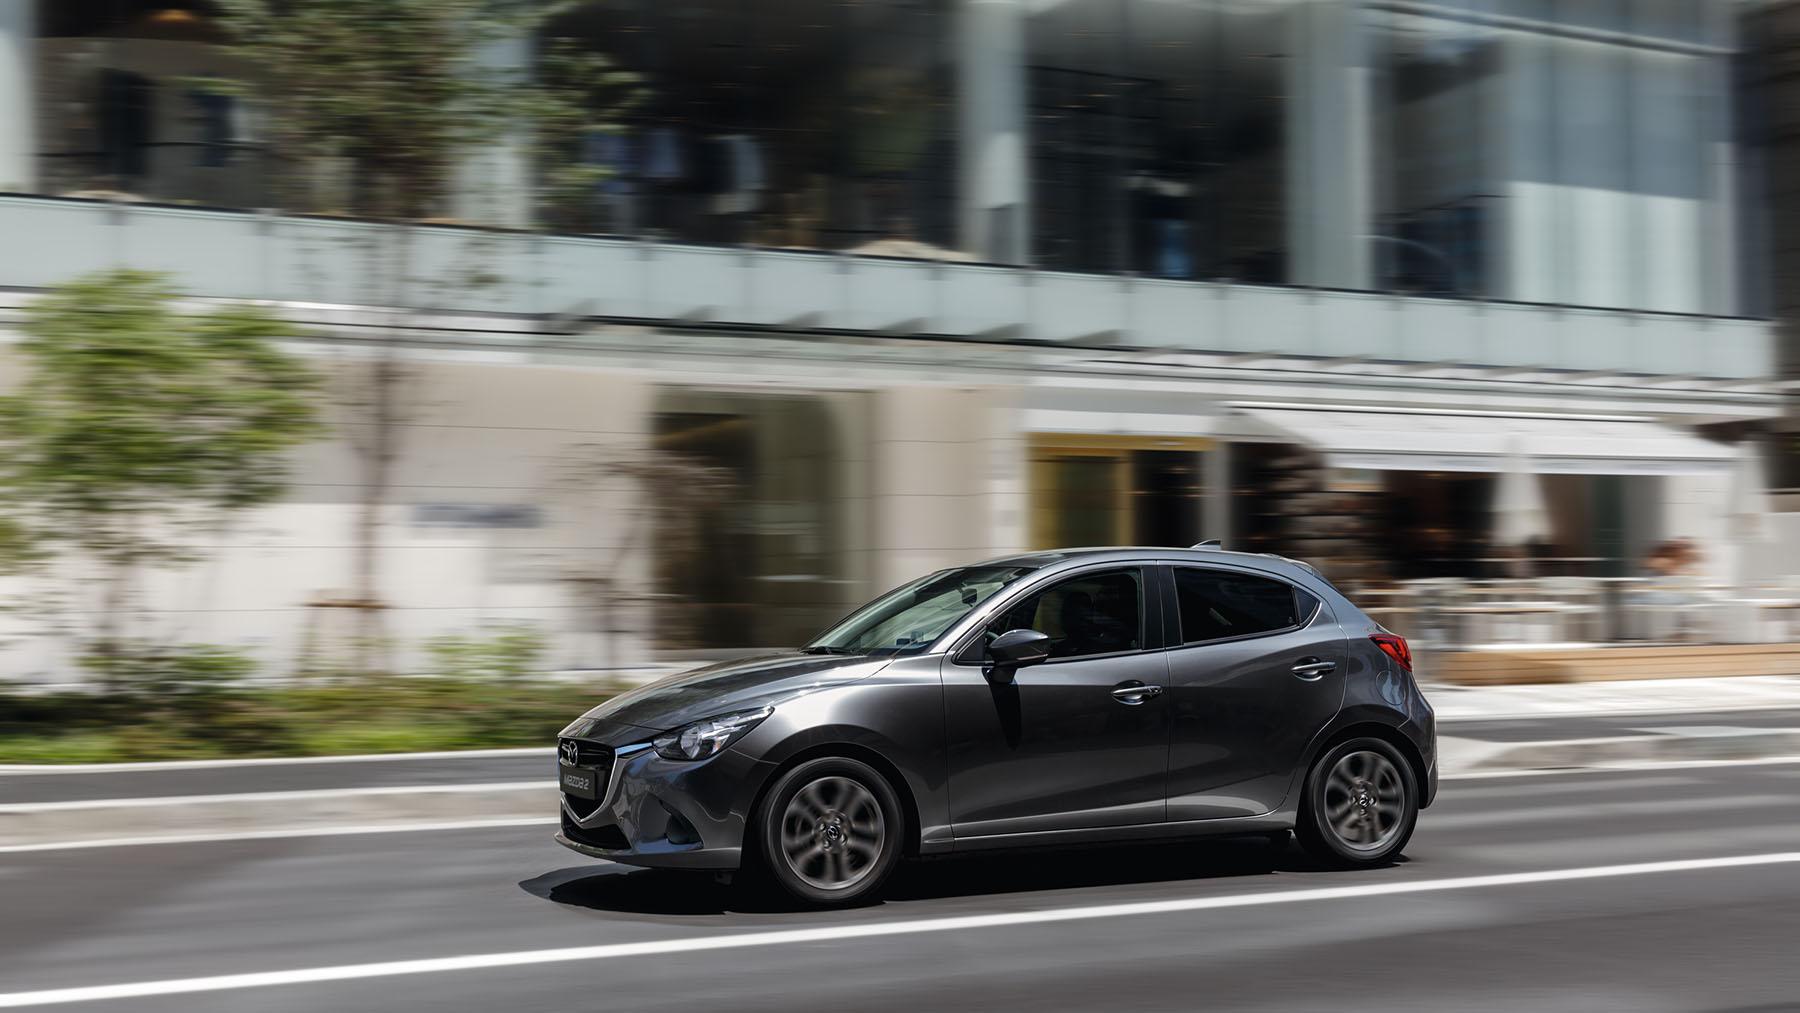 Precios De Autos Mazda 2017 >> Mazda 2 2018 - Autos Actual México